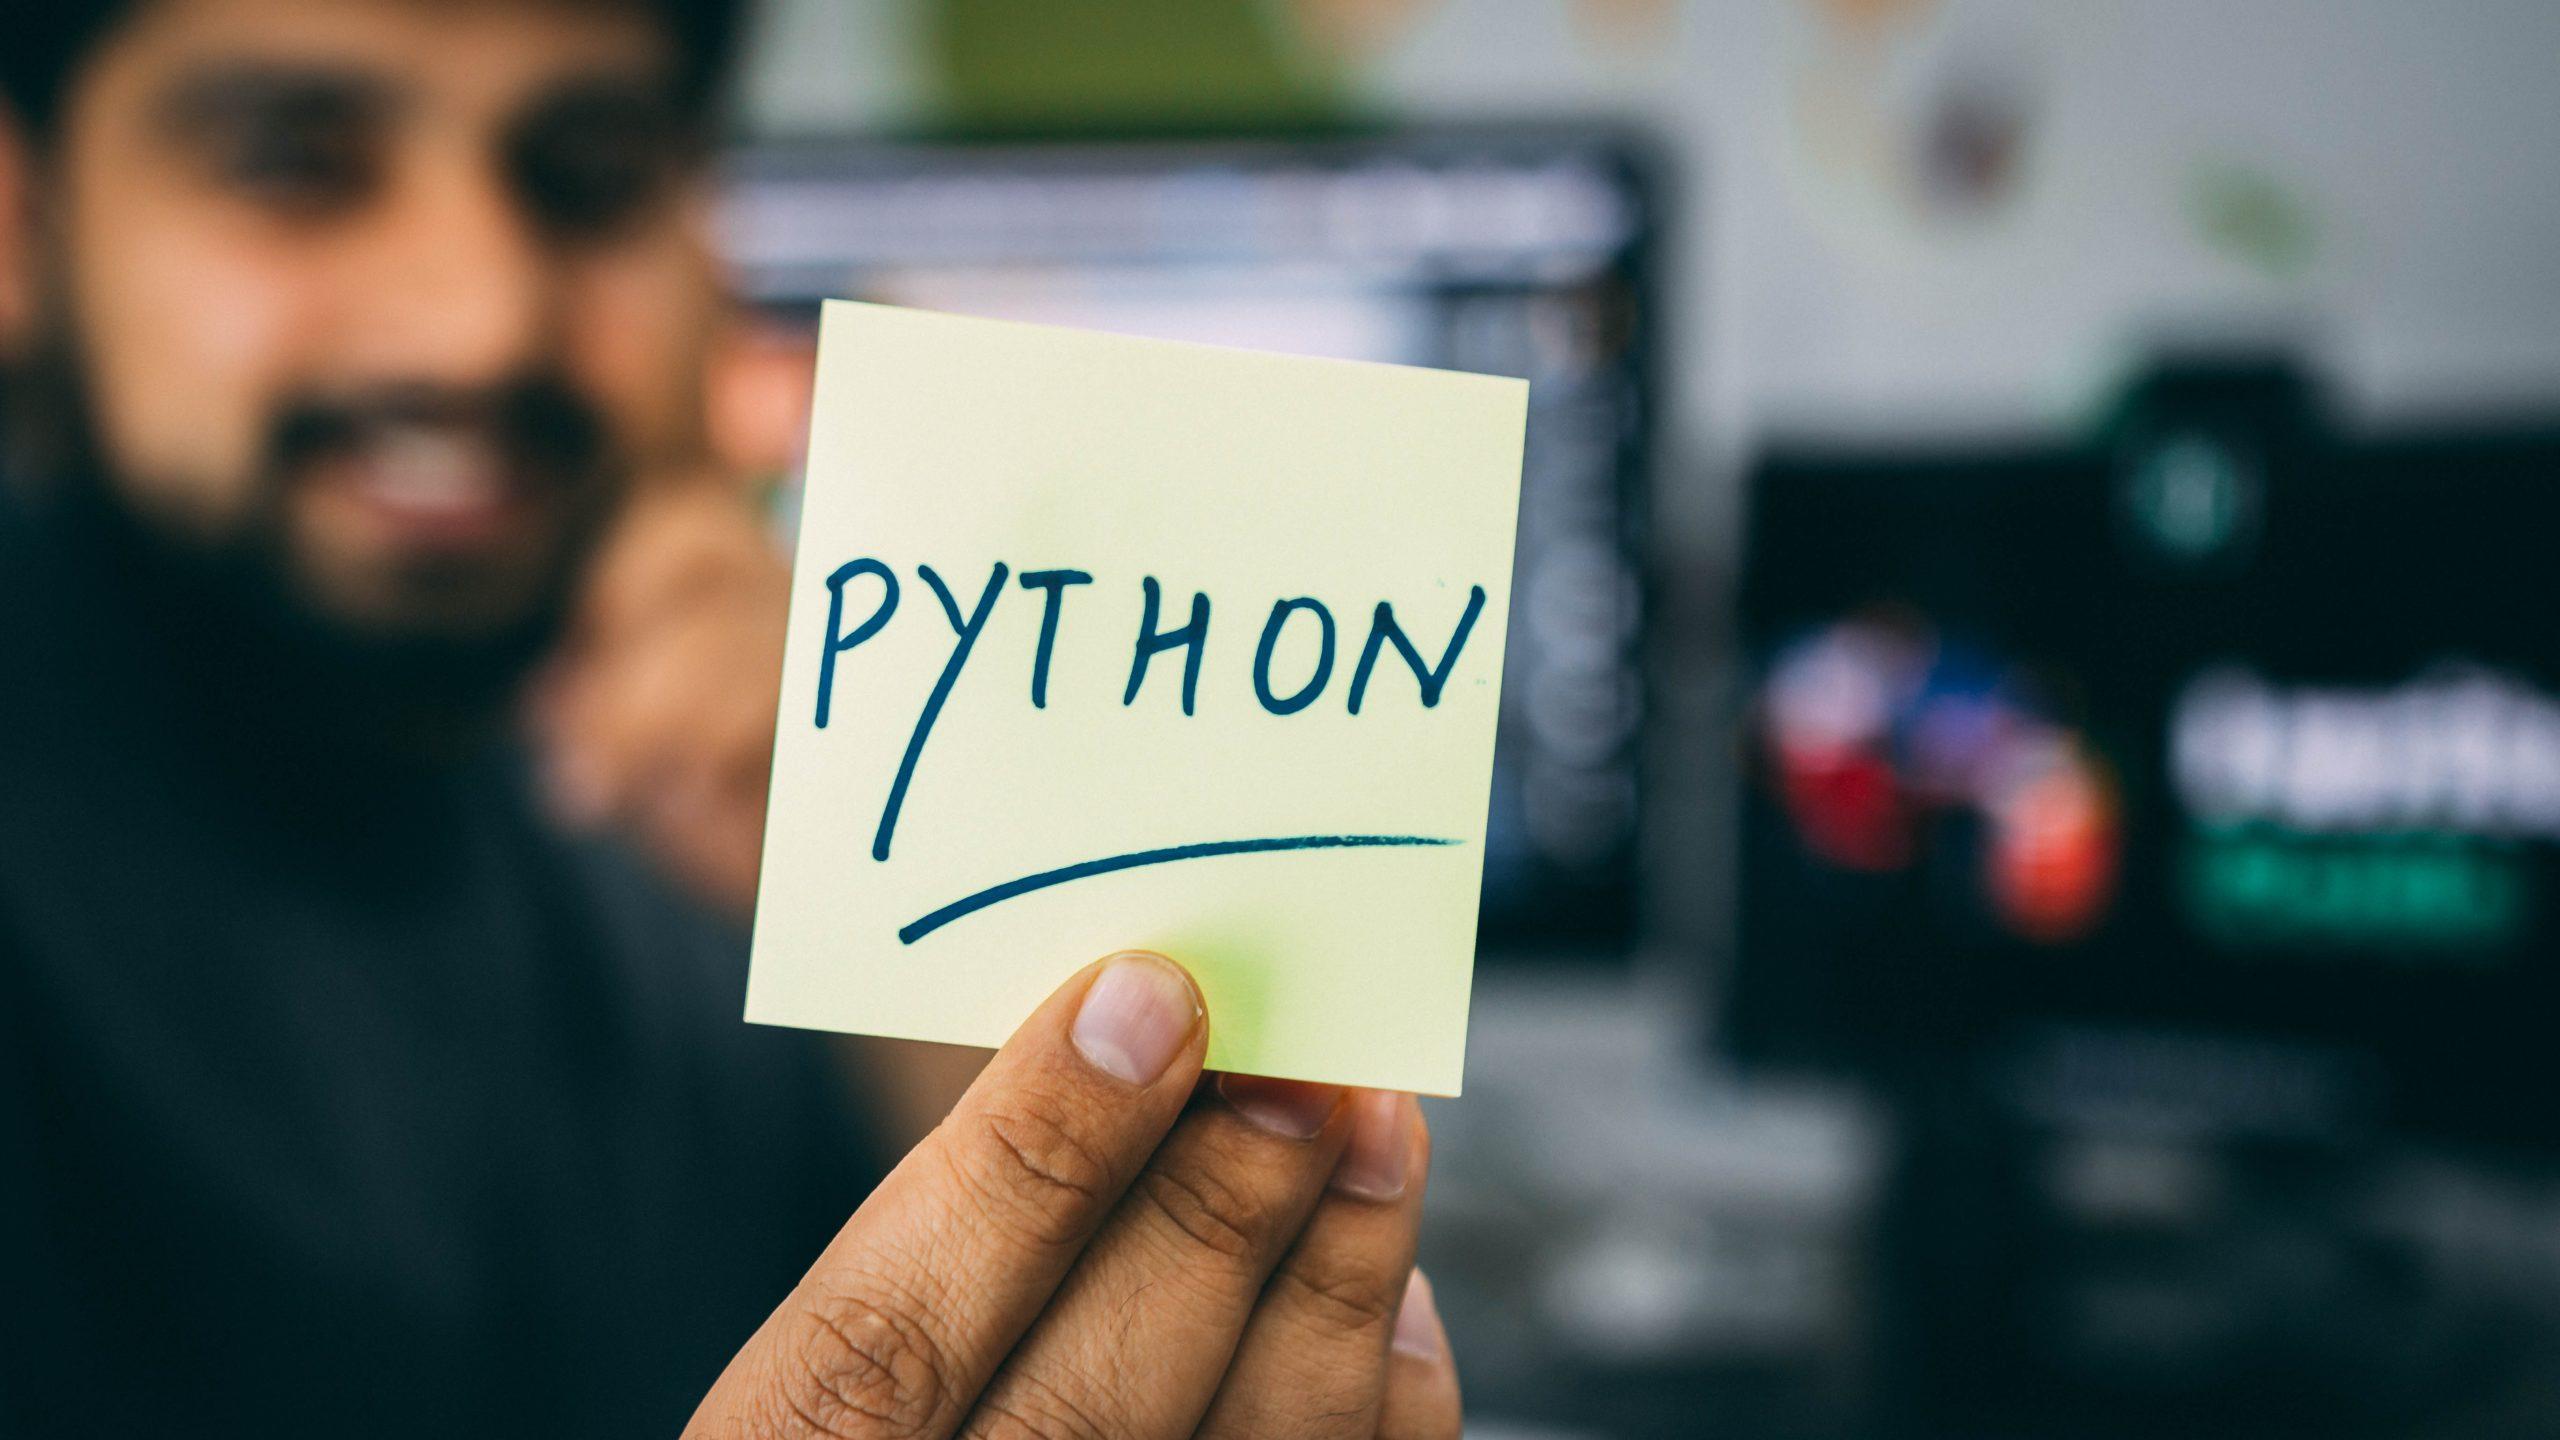 Pythonの基礎